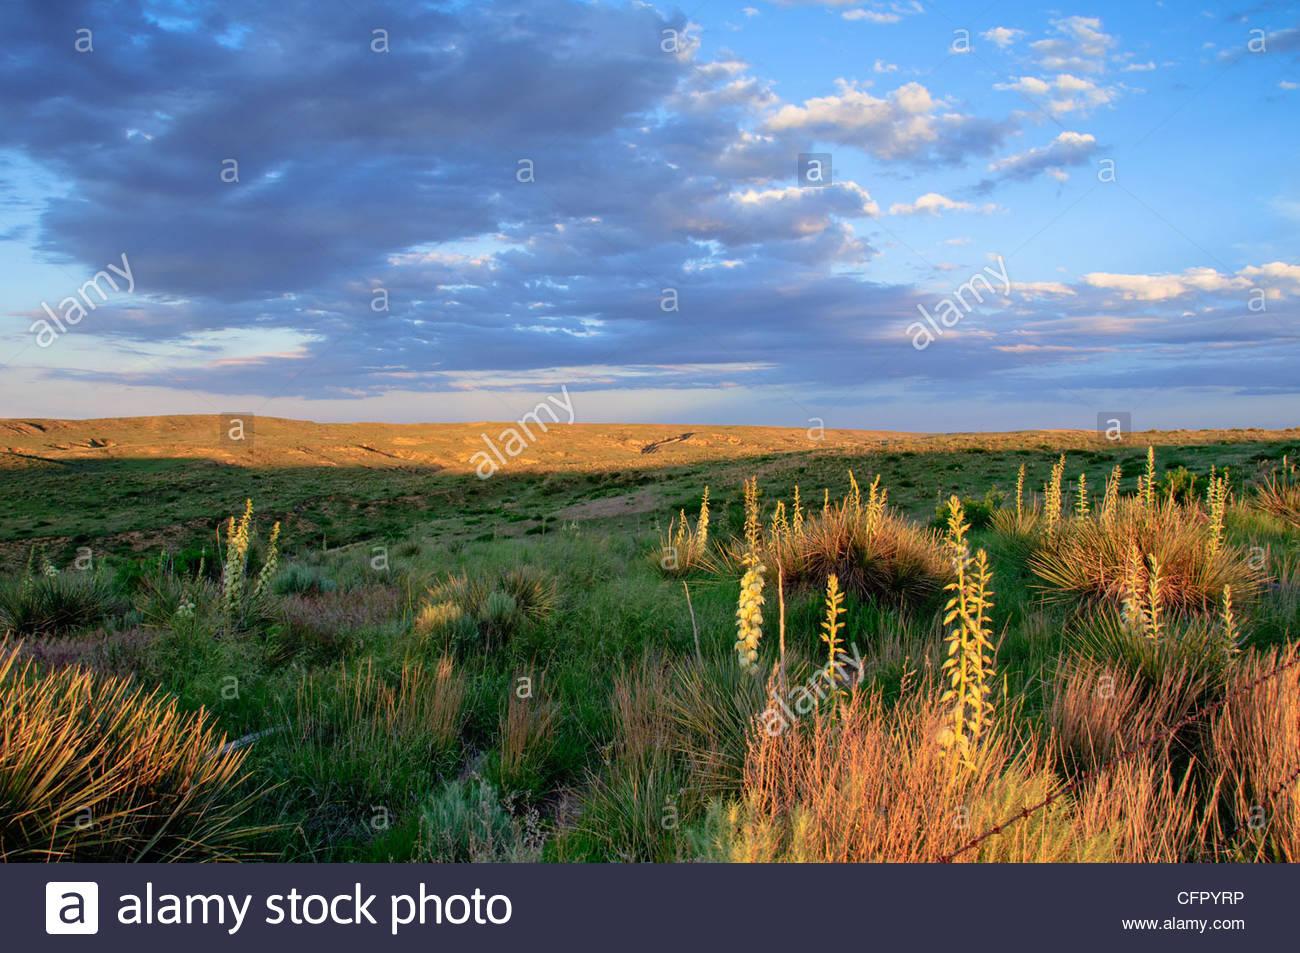 Arikaree Breaks - late evening, Cheyenne County, KS, June 5, 2010 - Stock Image